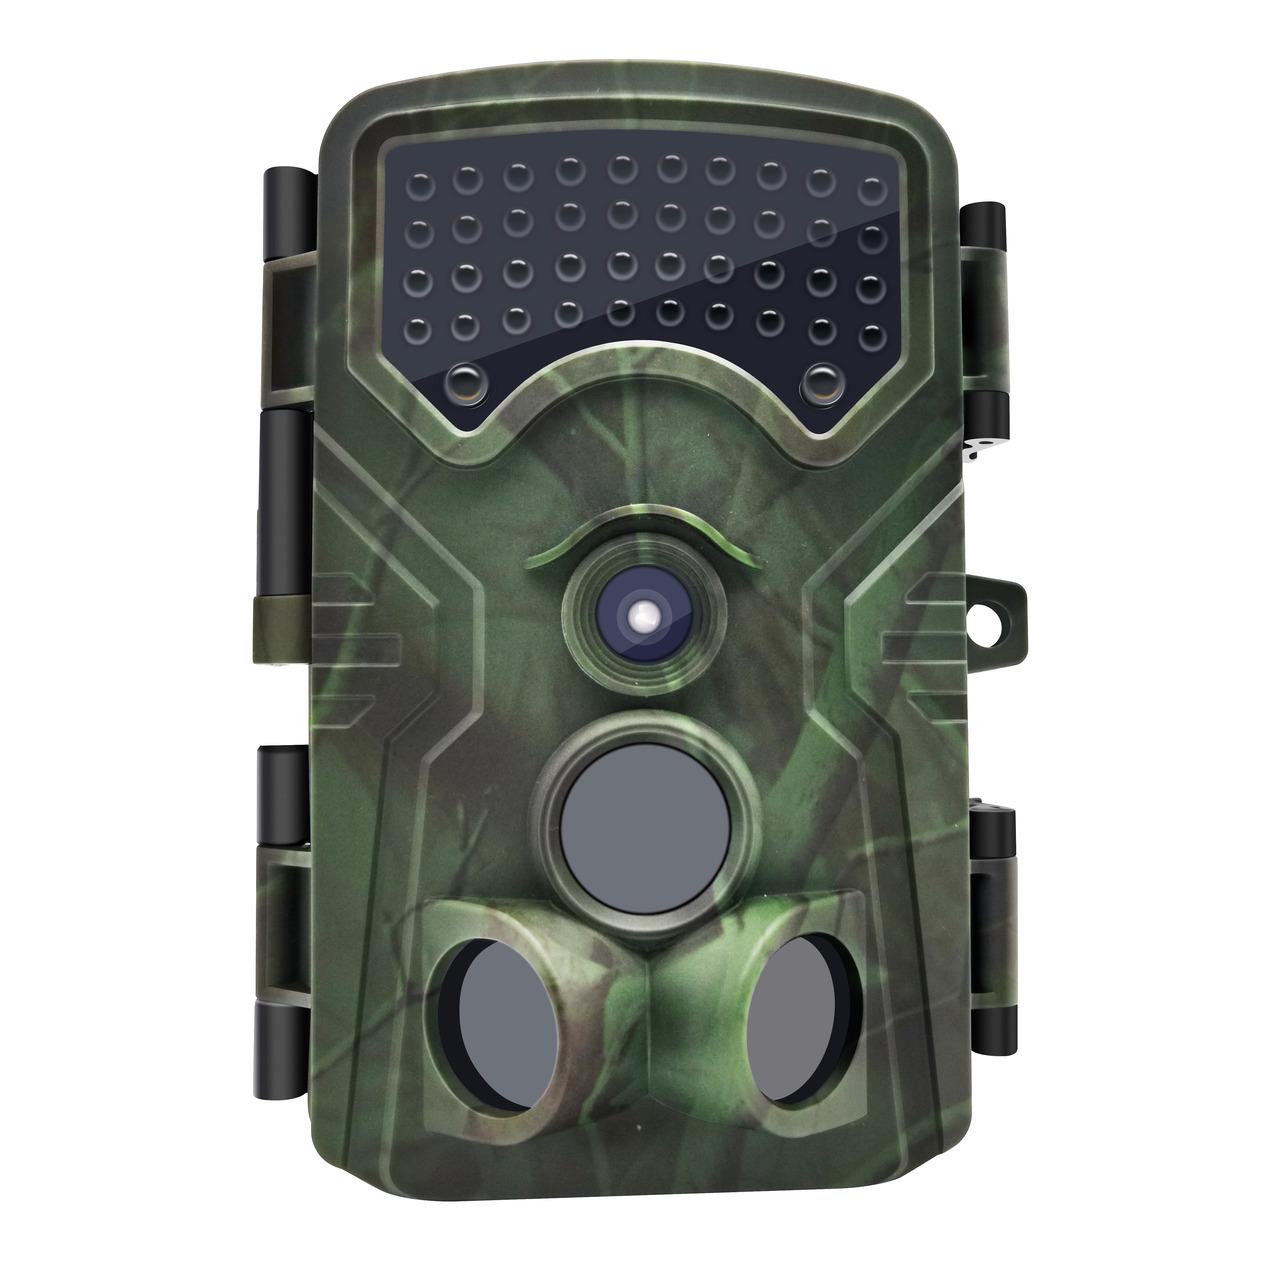 Braun Fotofalle - Wildkamera Scouting Cam BLACK1300- 13-MP-CMOS- 4K- IP66